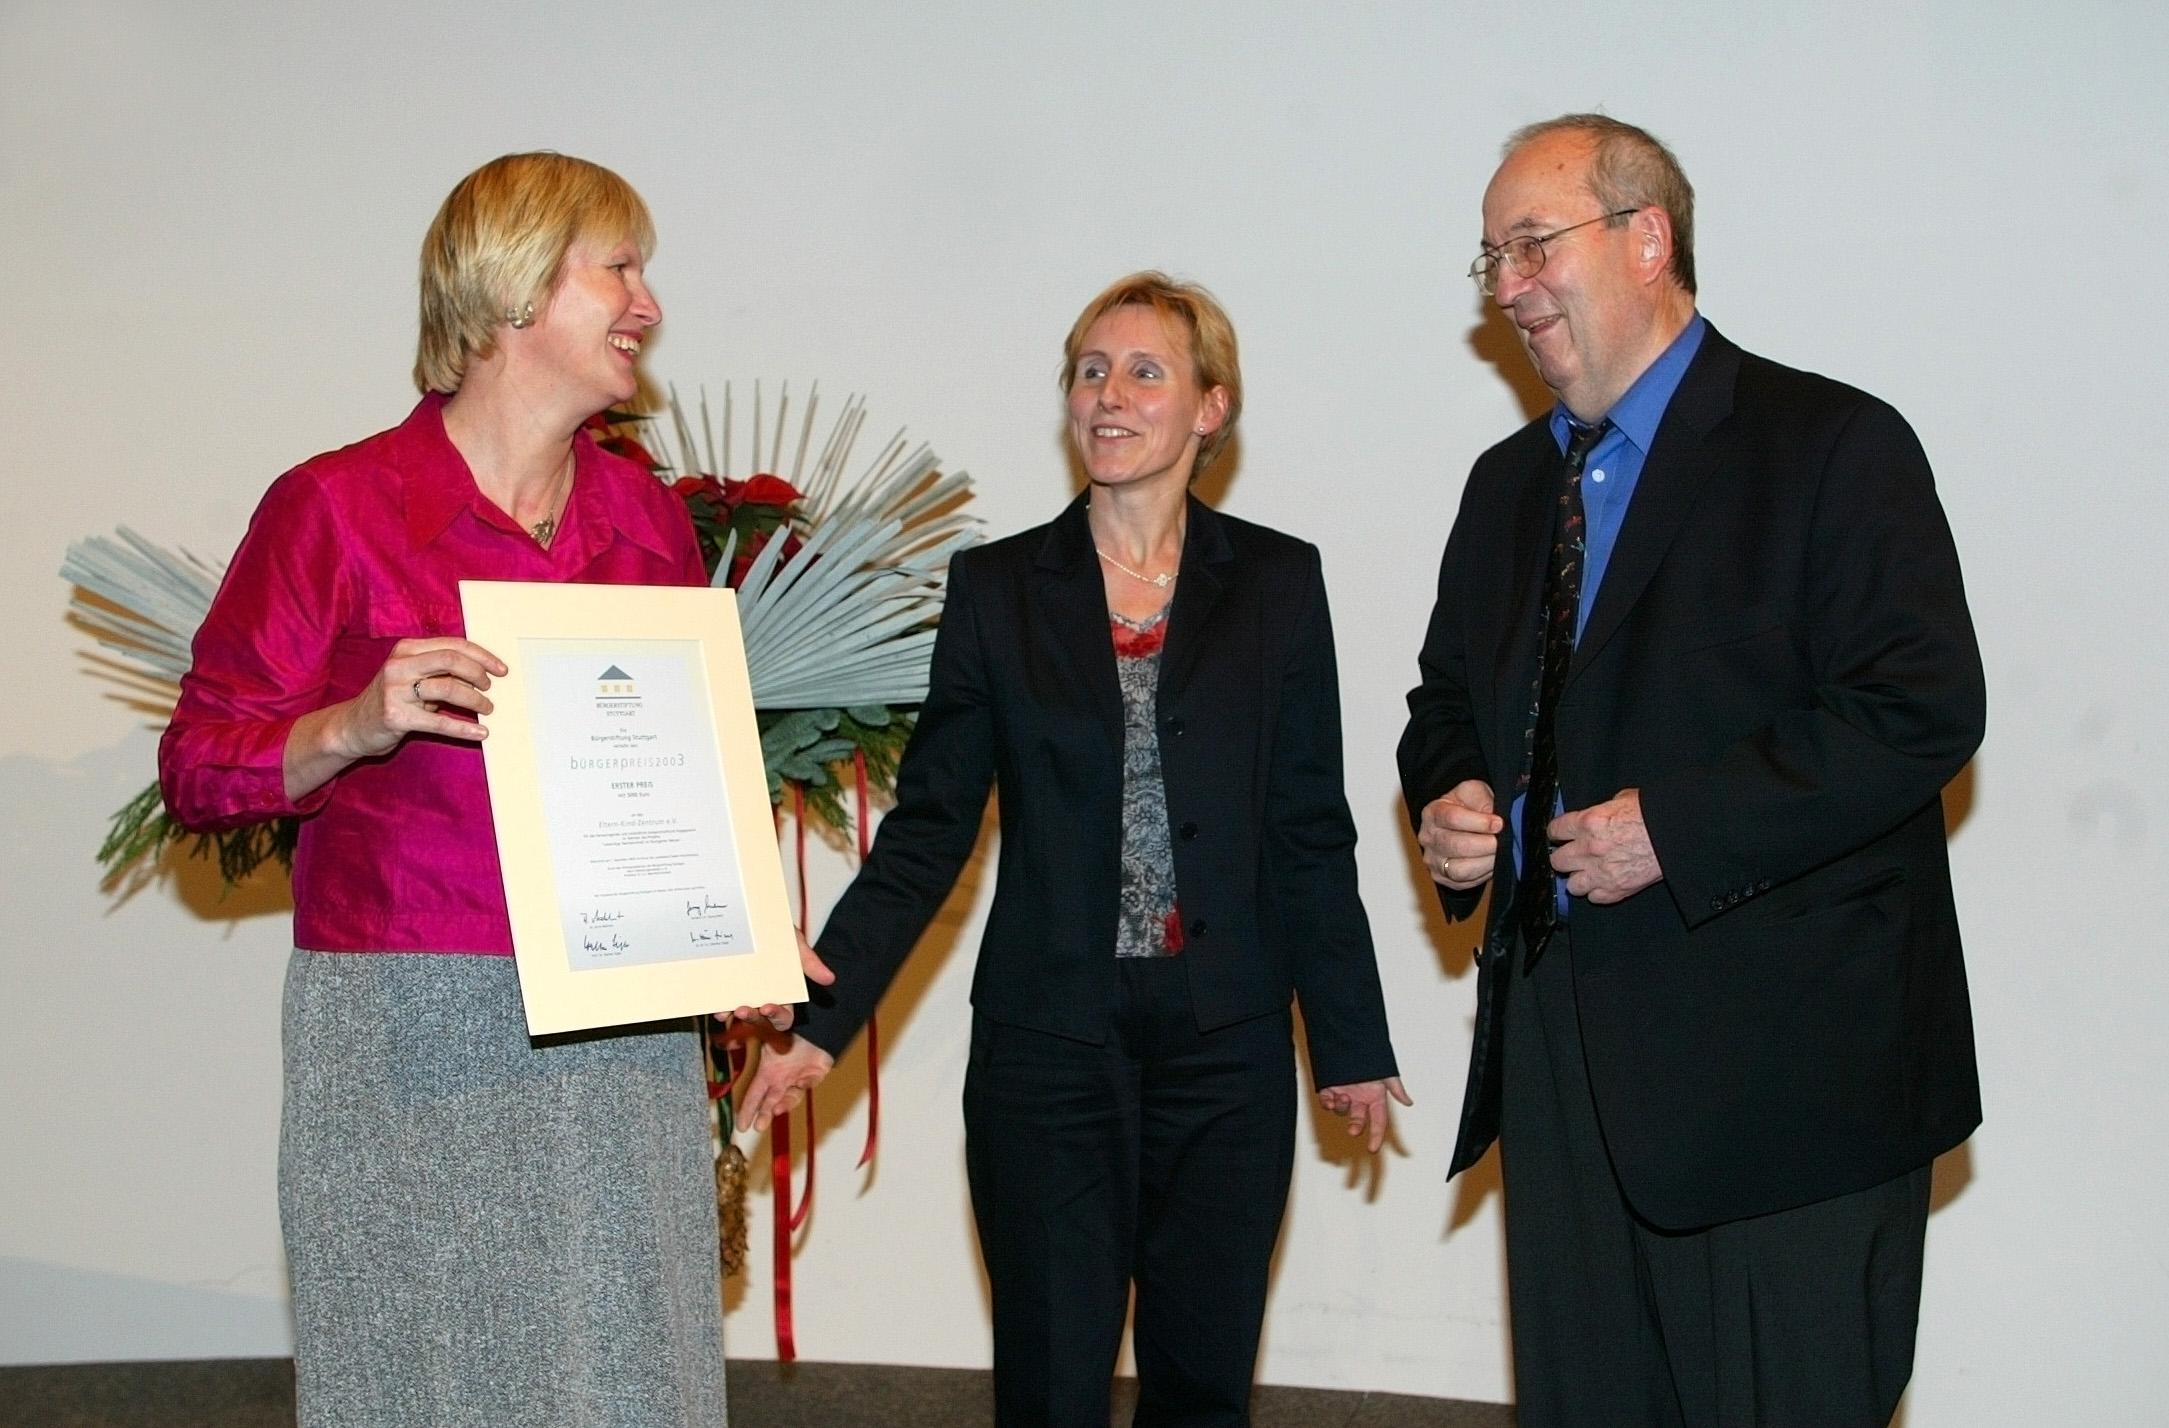 Stuttgarter Bürgerpreis 2003